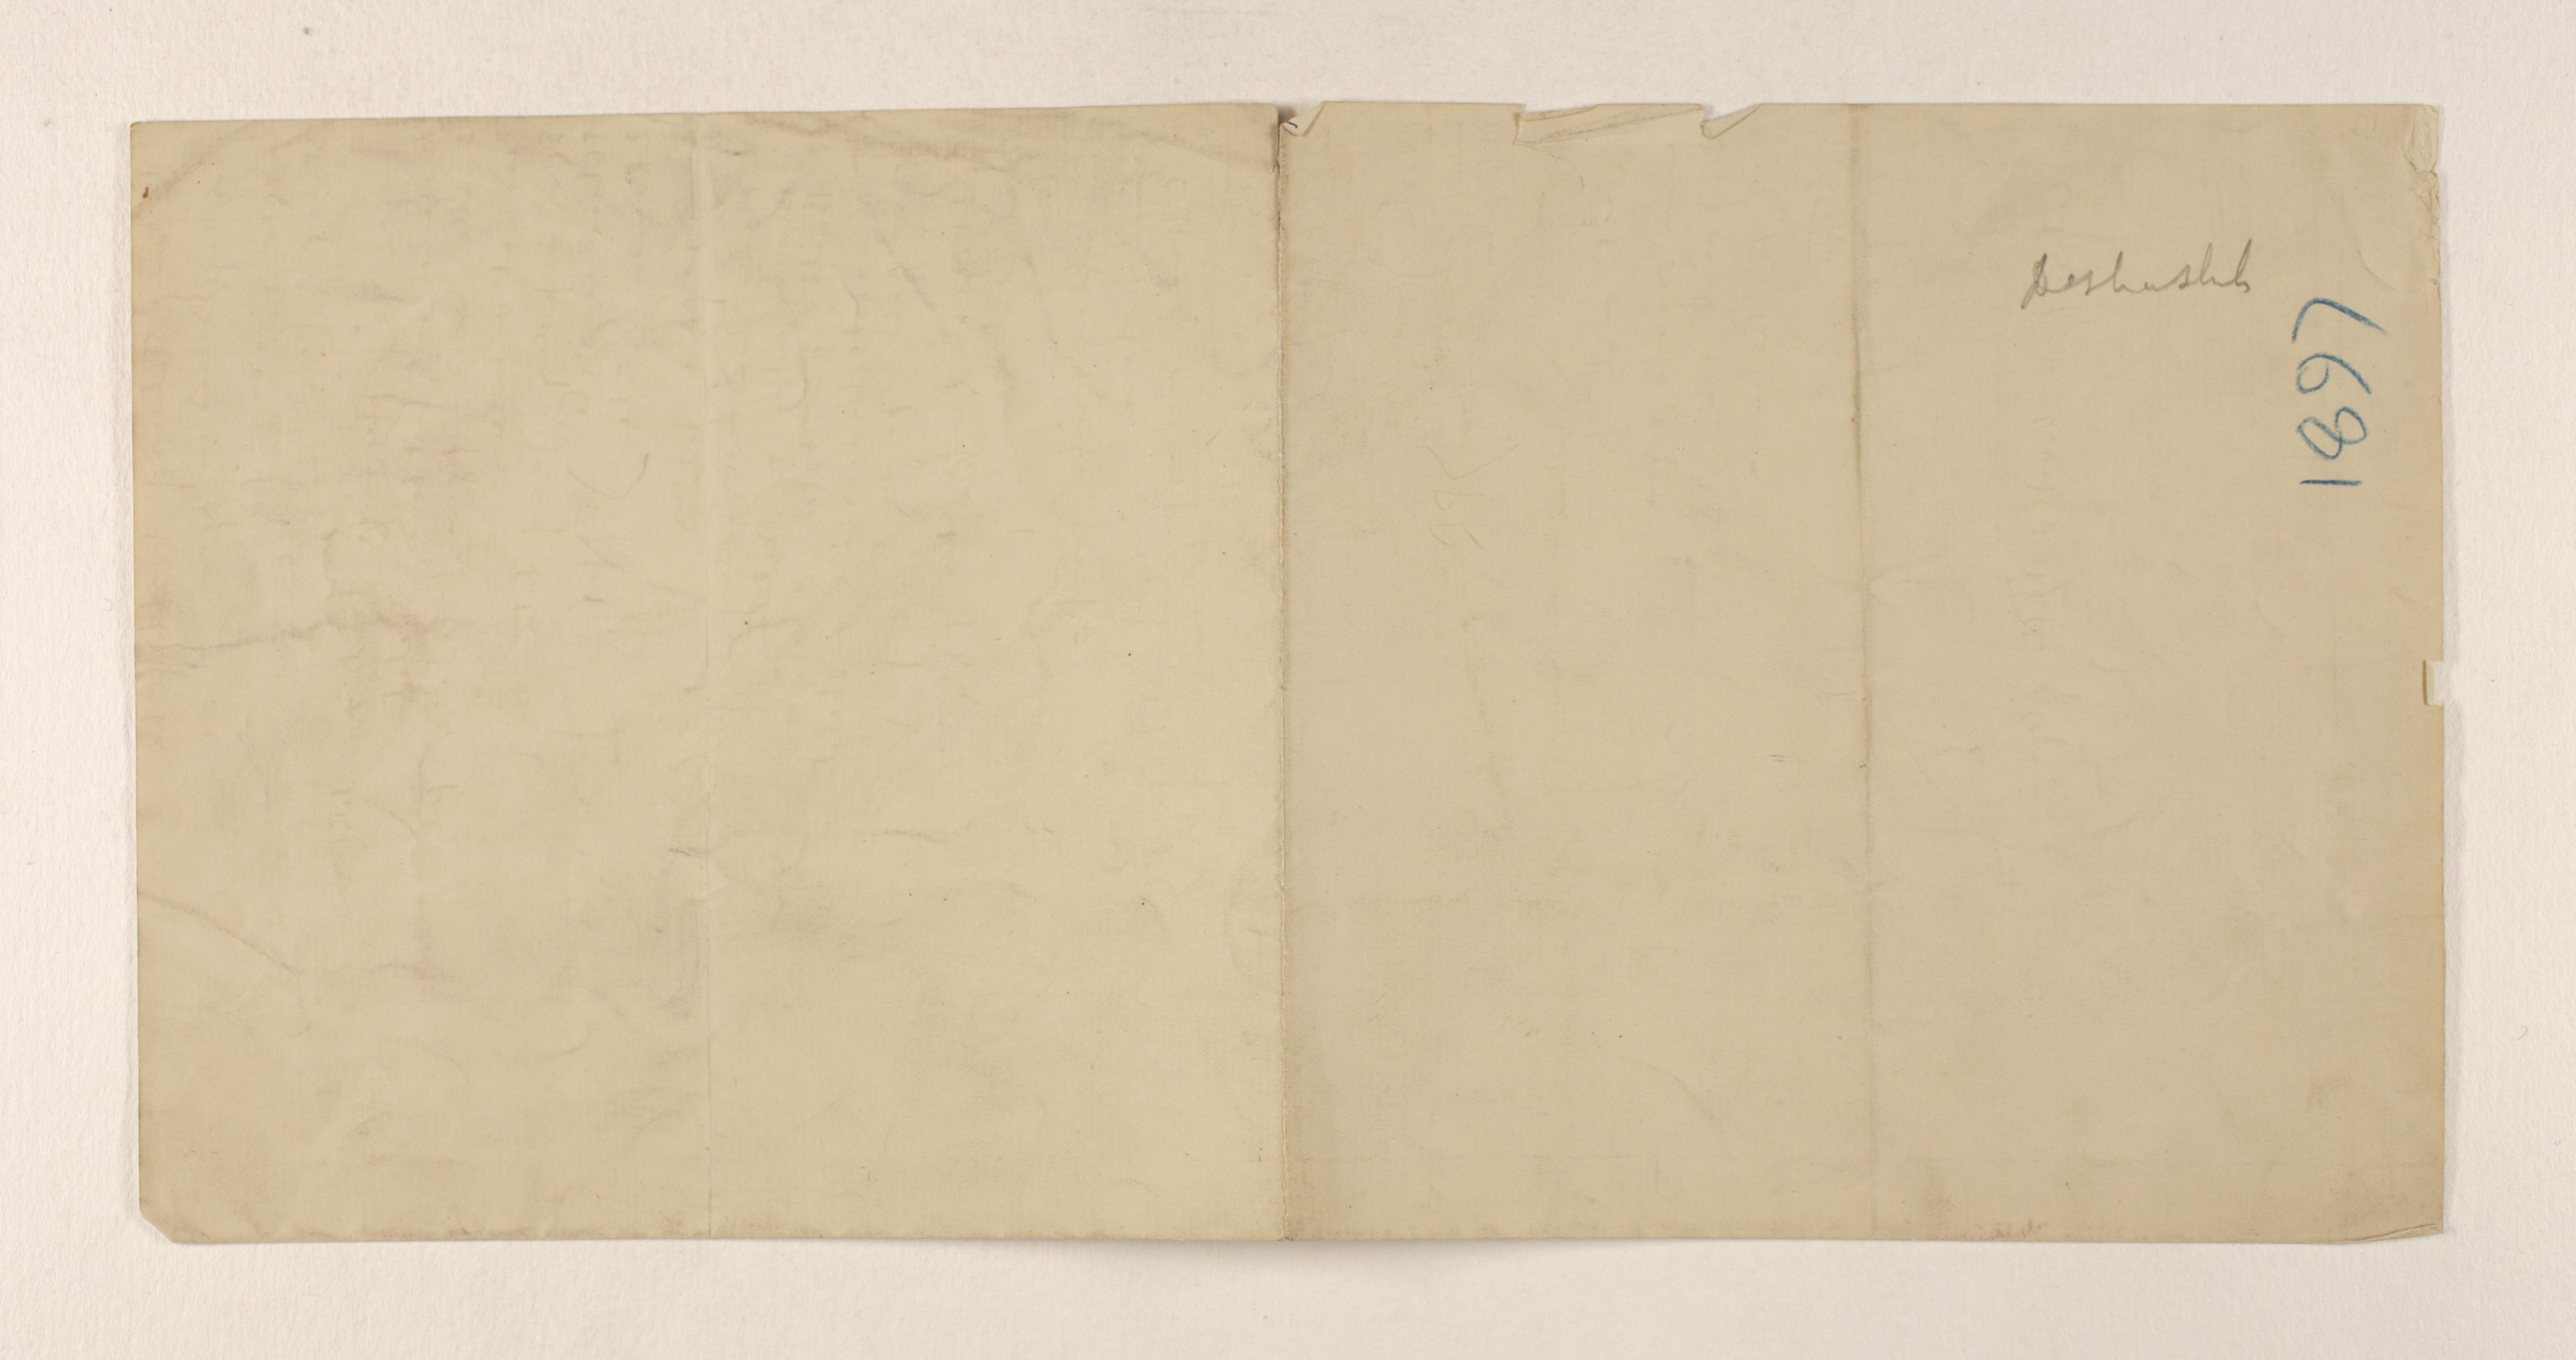 Dishasha 1896-1897, Distribution List, PMA/WFP1/D/5/2.2